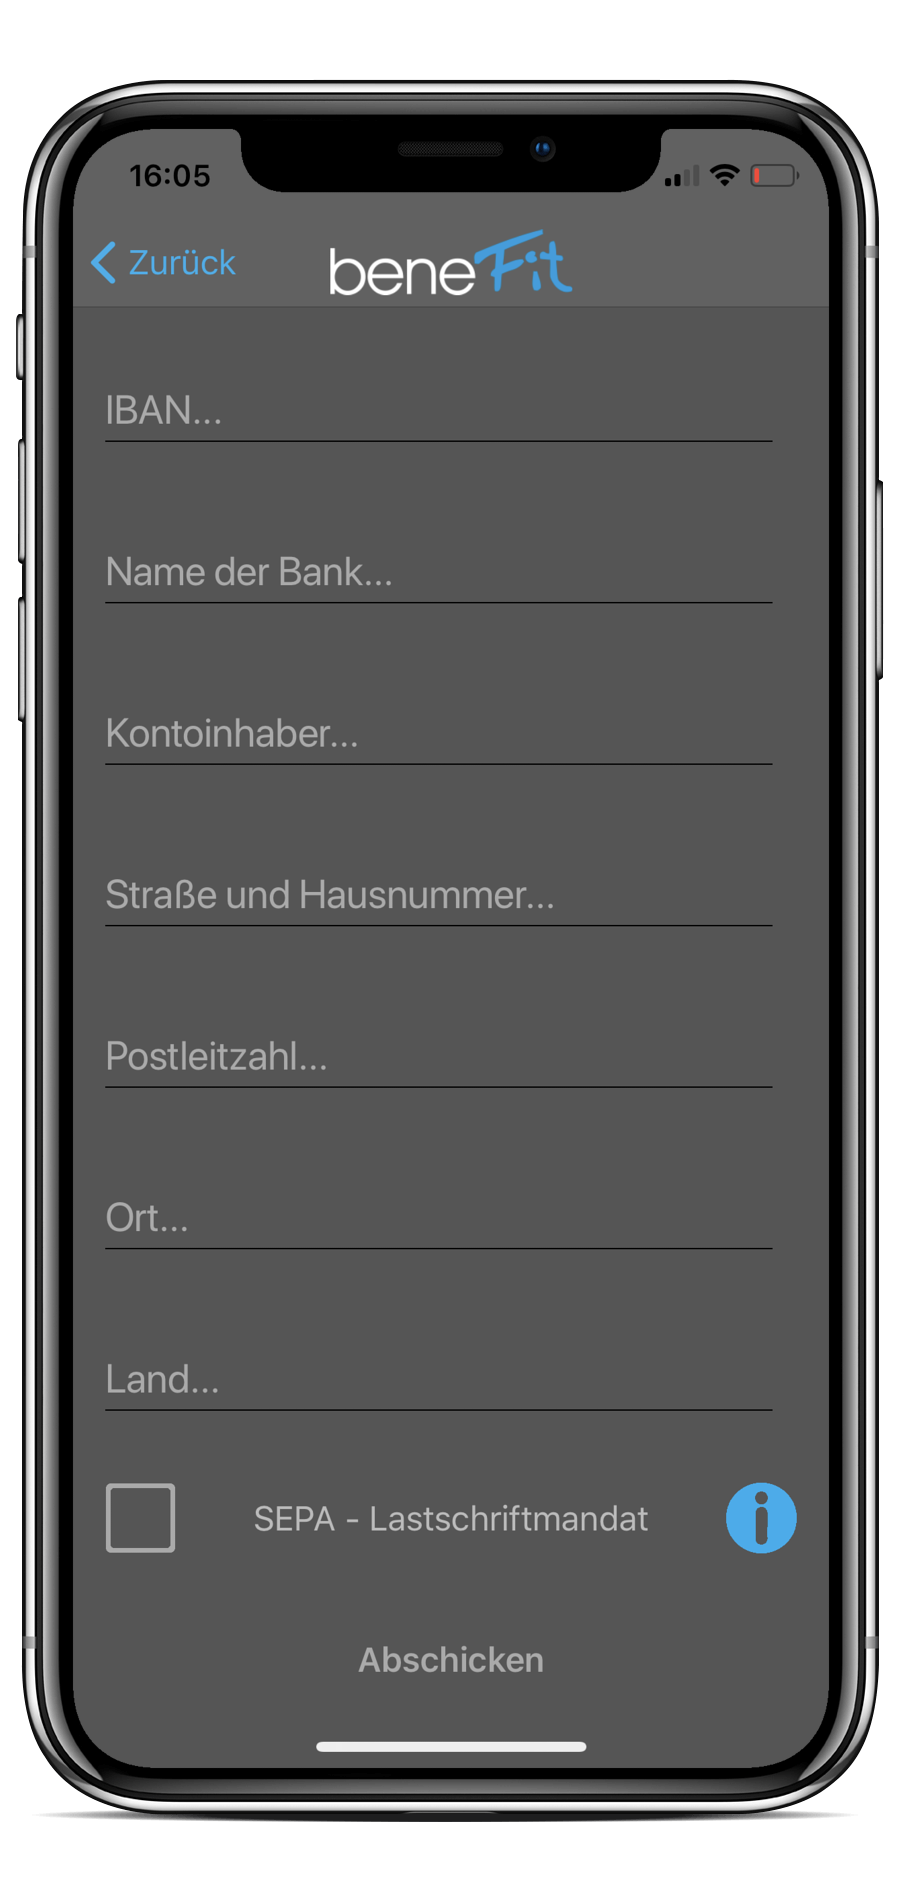 BankdatenForWebsite